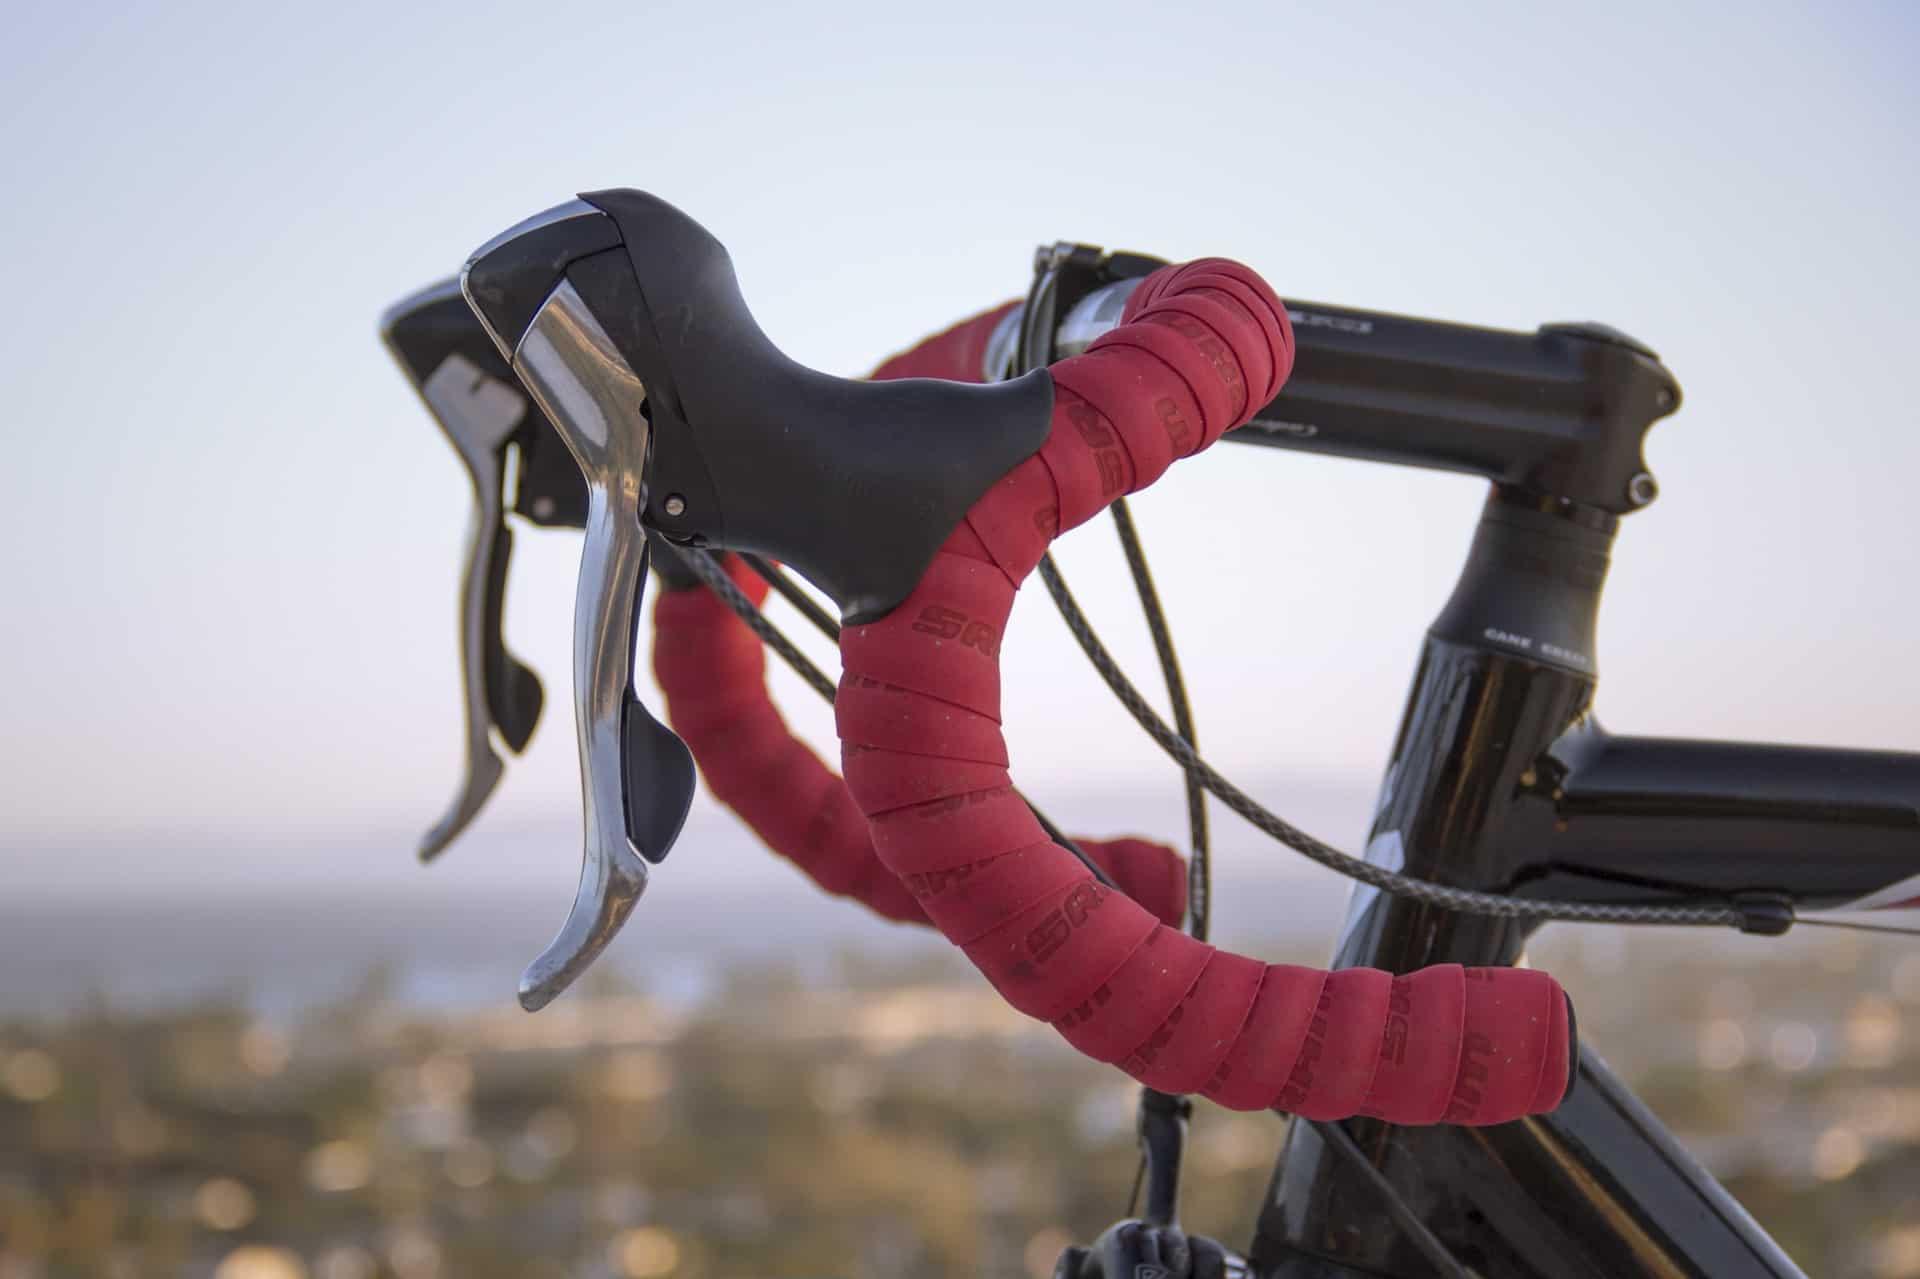 Rennradlenker: Test & Empfehlungen (10/21)